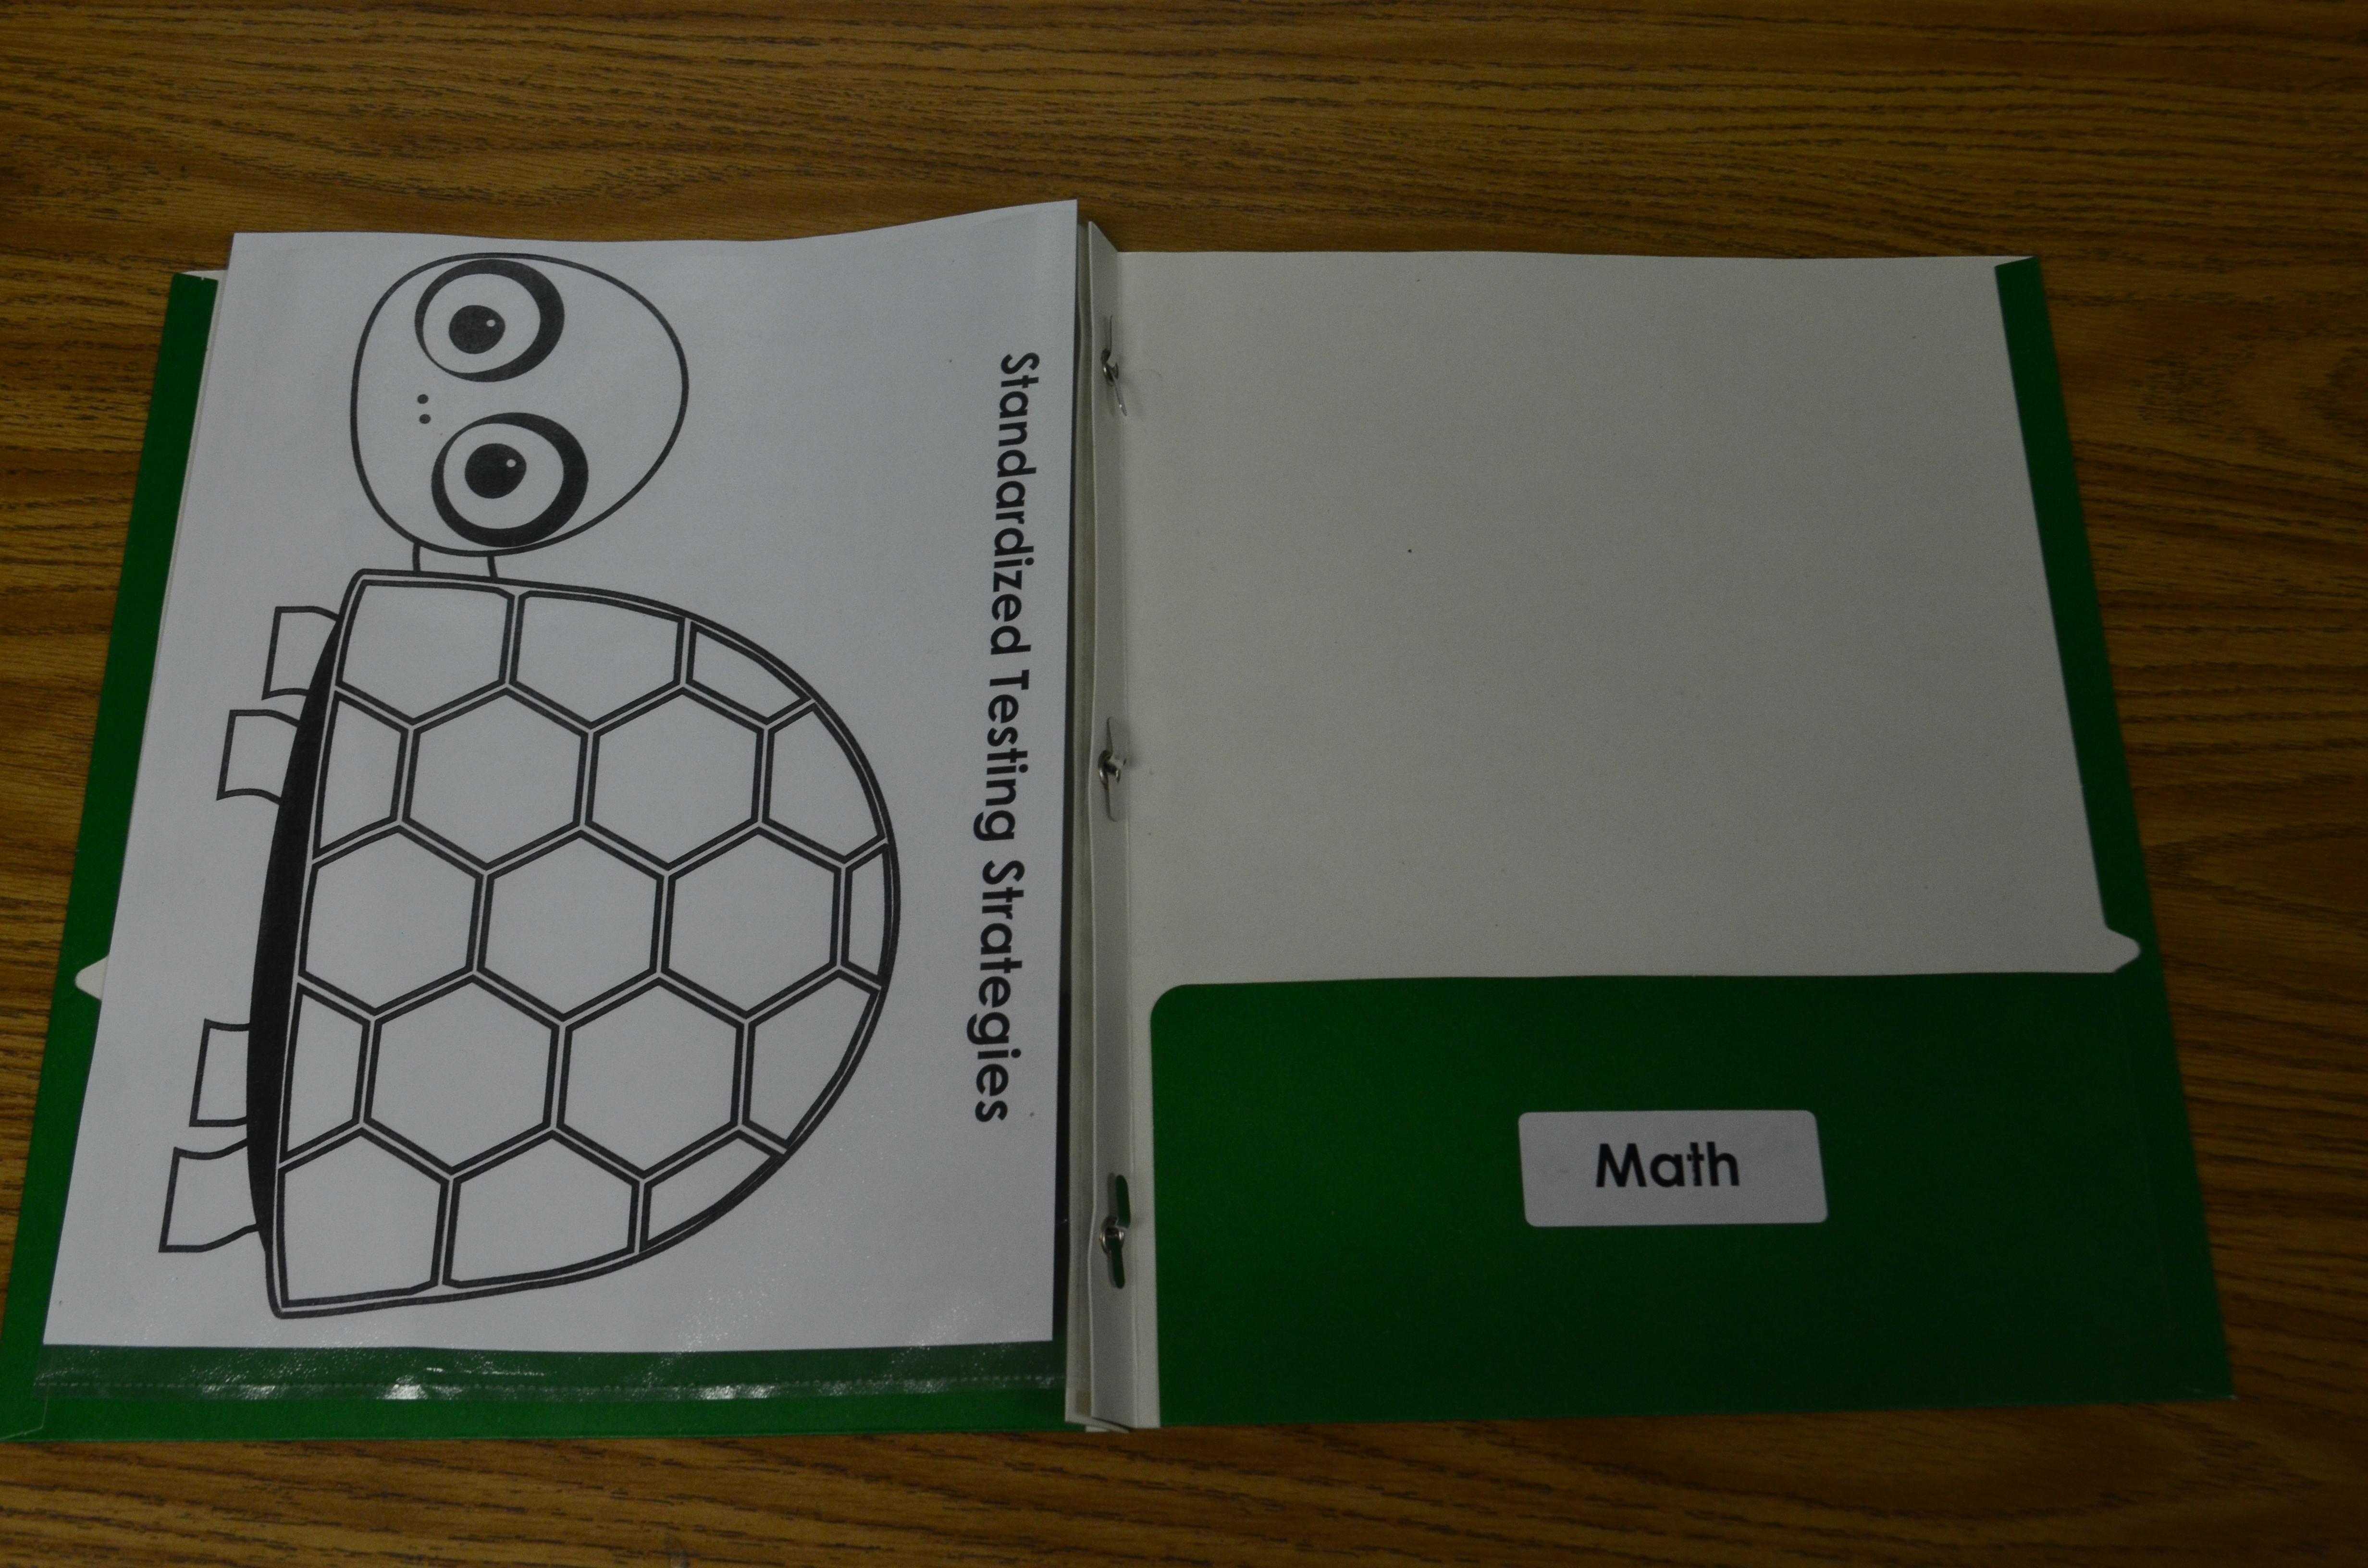 Inside folder 2